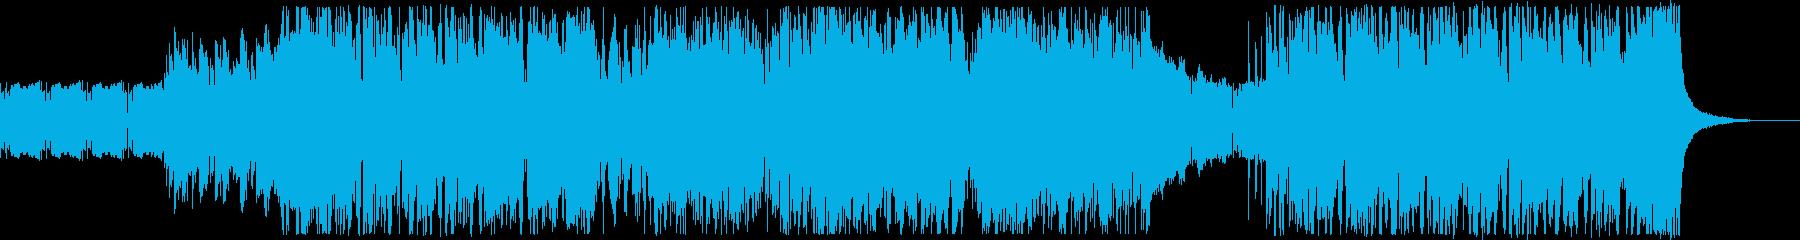 ブラスがメインのファンキーなBGMの再生済みの波形